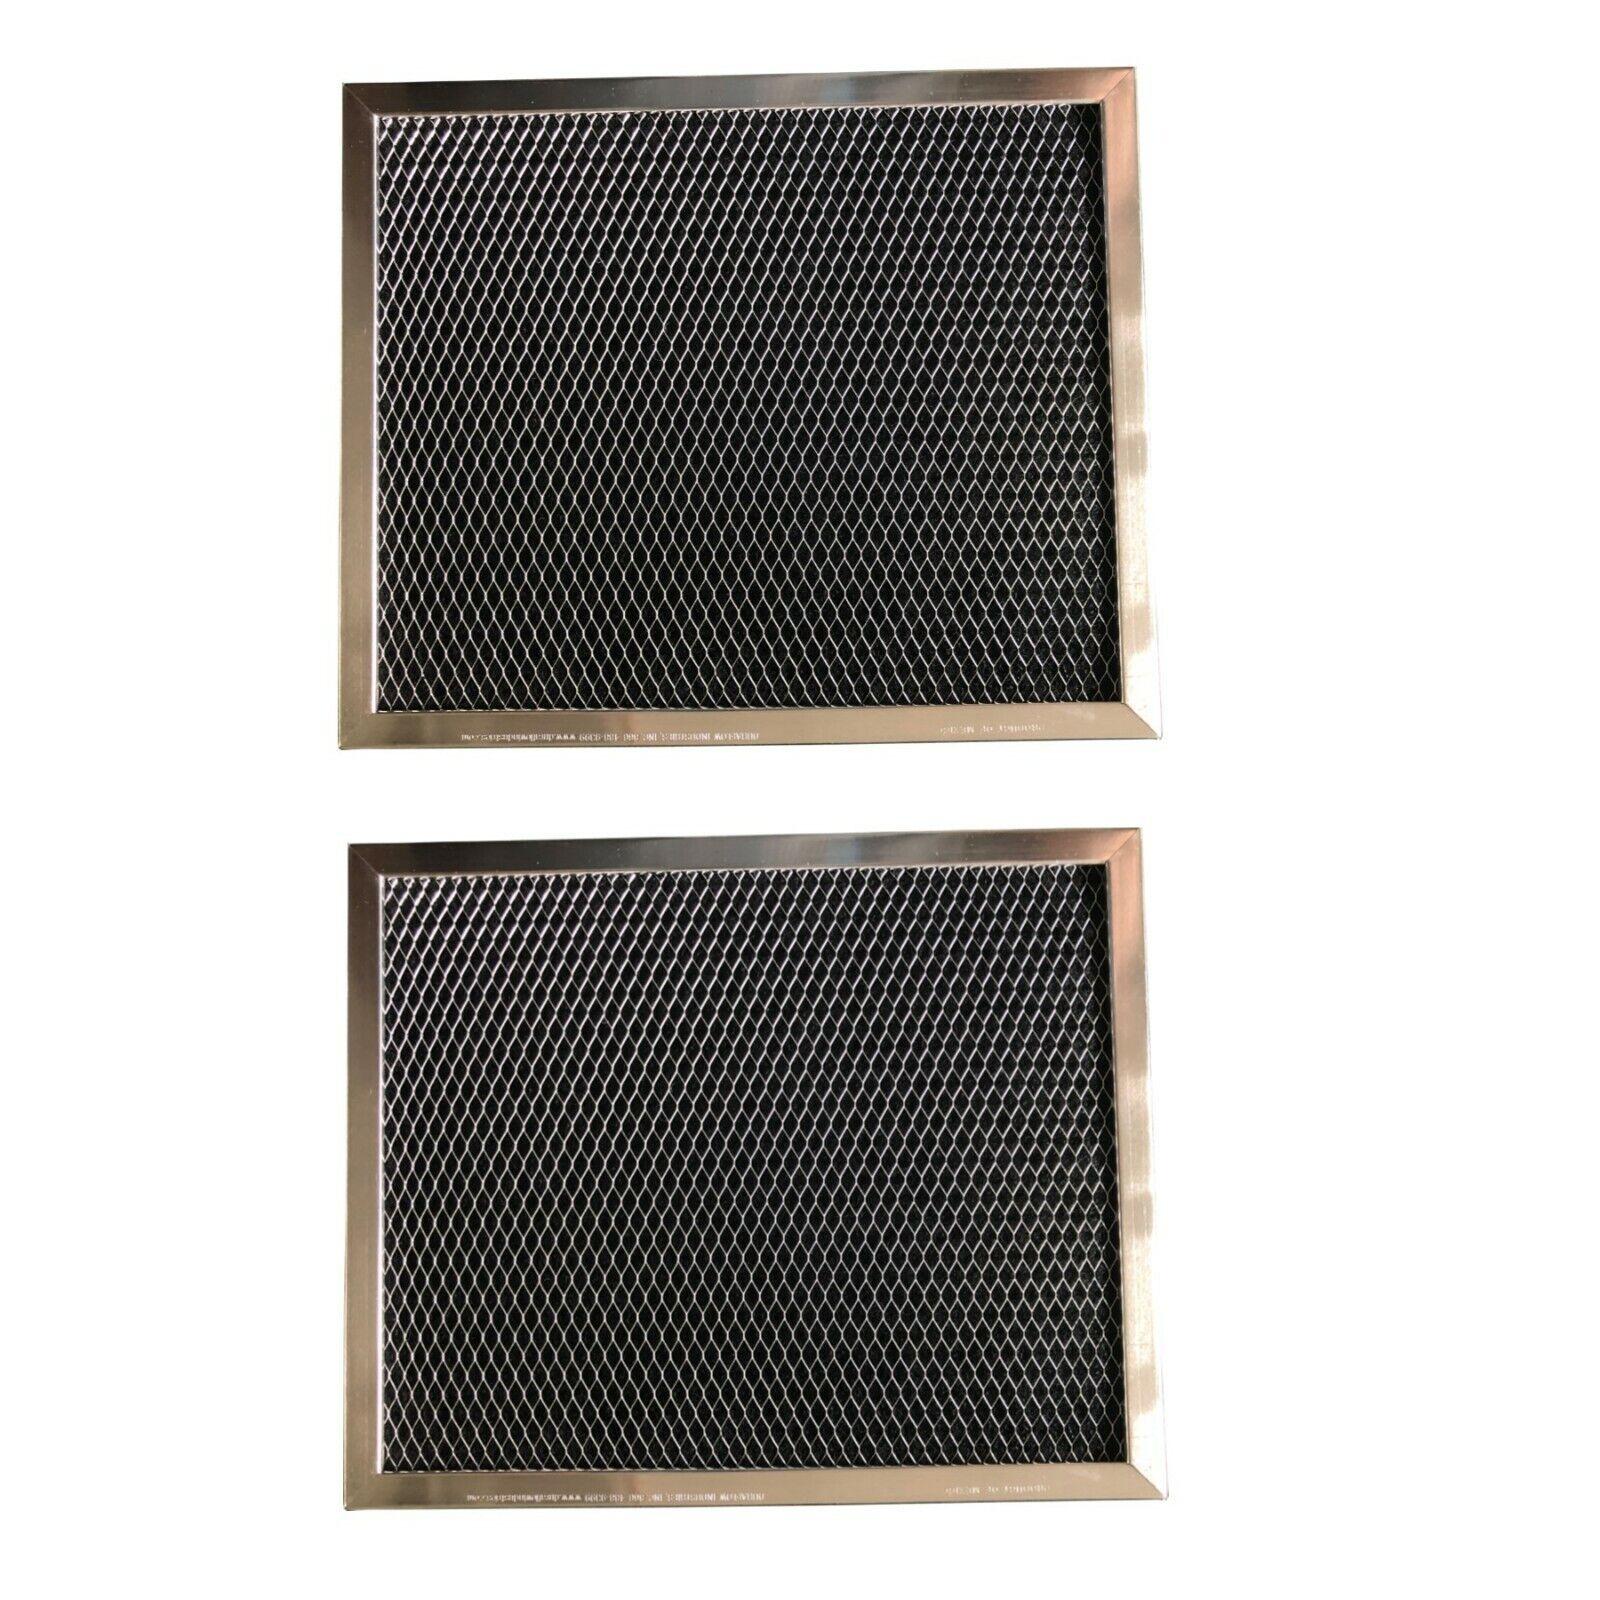 Broan 97005687 97007576 97007696 99010123  41F Compatible Range Filter 2-pack